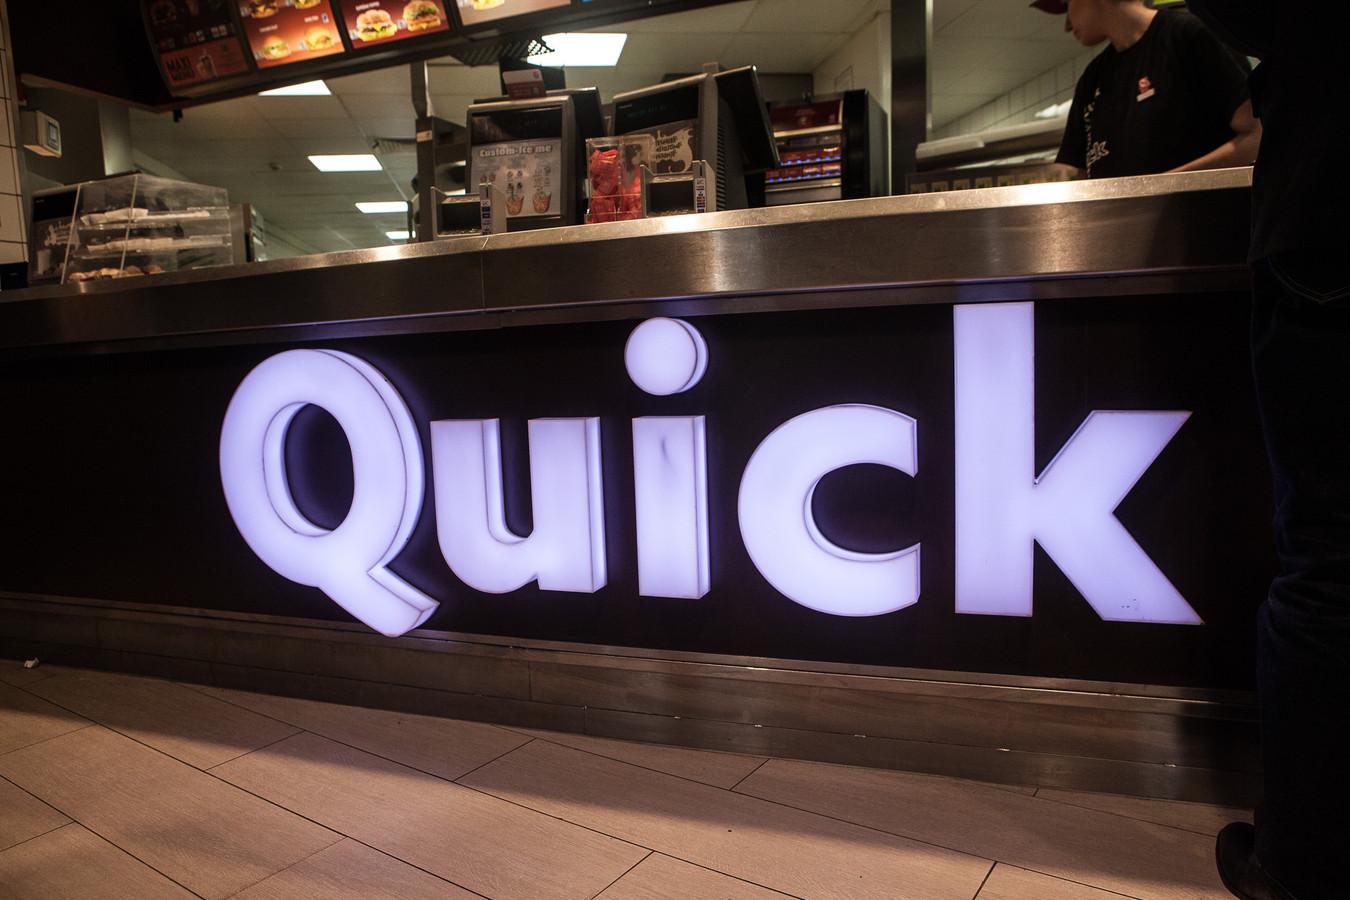 De feiten speelden zich af in een restaurant van Quick. (illustratiebeeld)